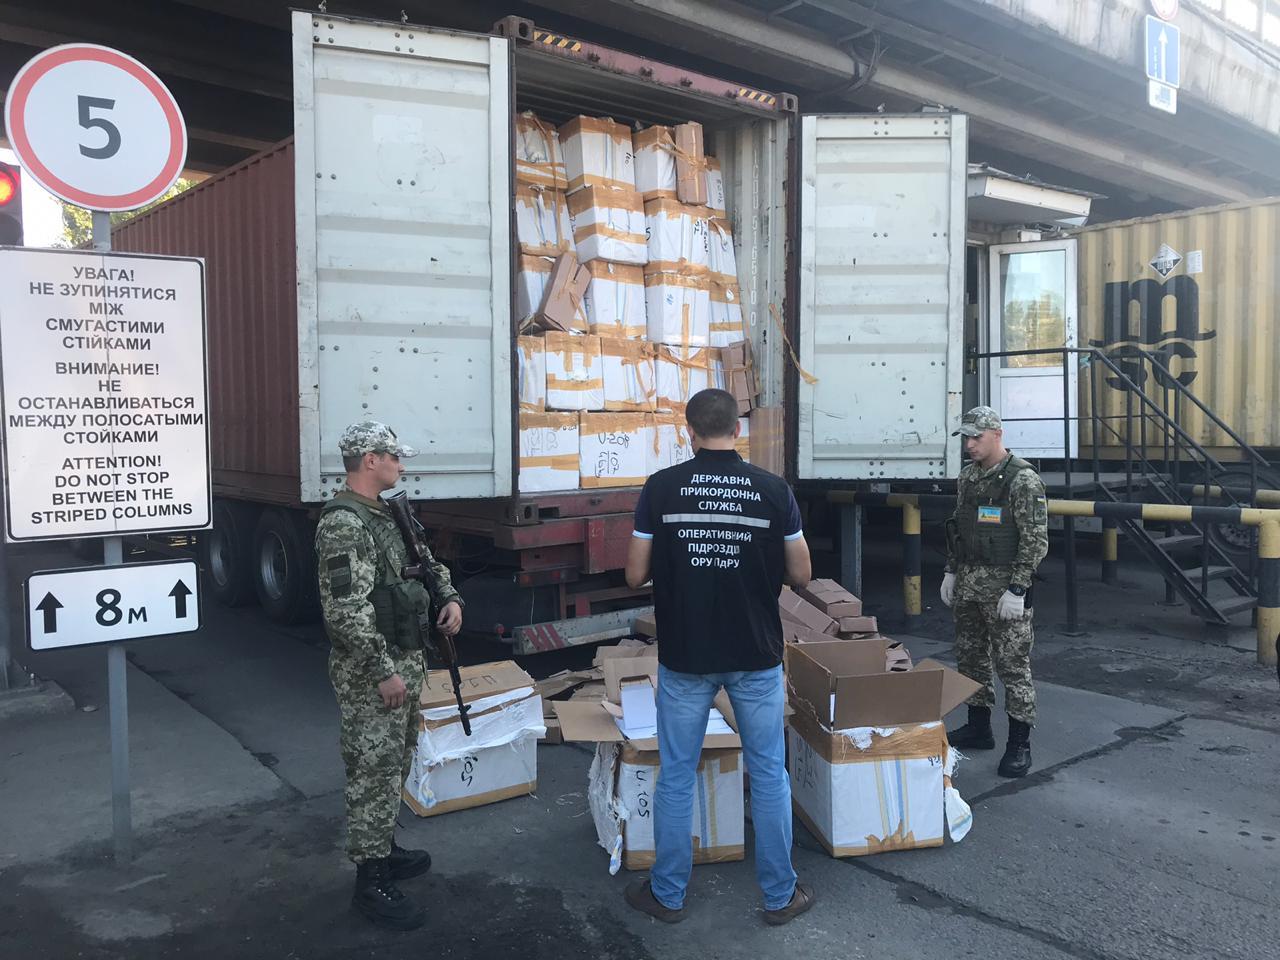 В порту Одеси виявлено парфуми та одяг відомих брендів на 10 мільйонів гривень